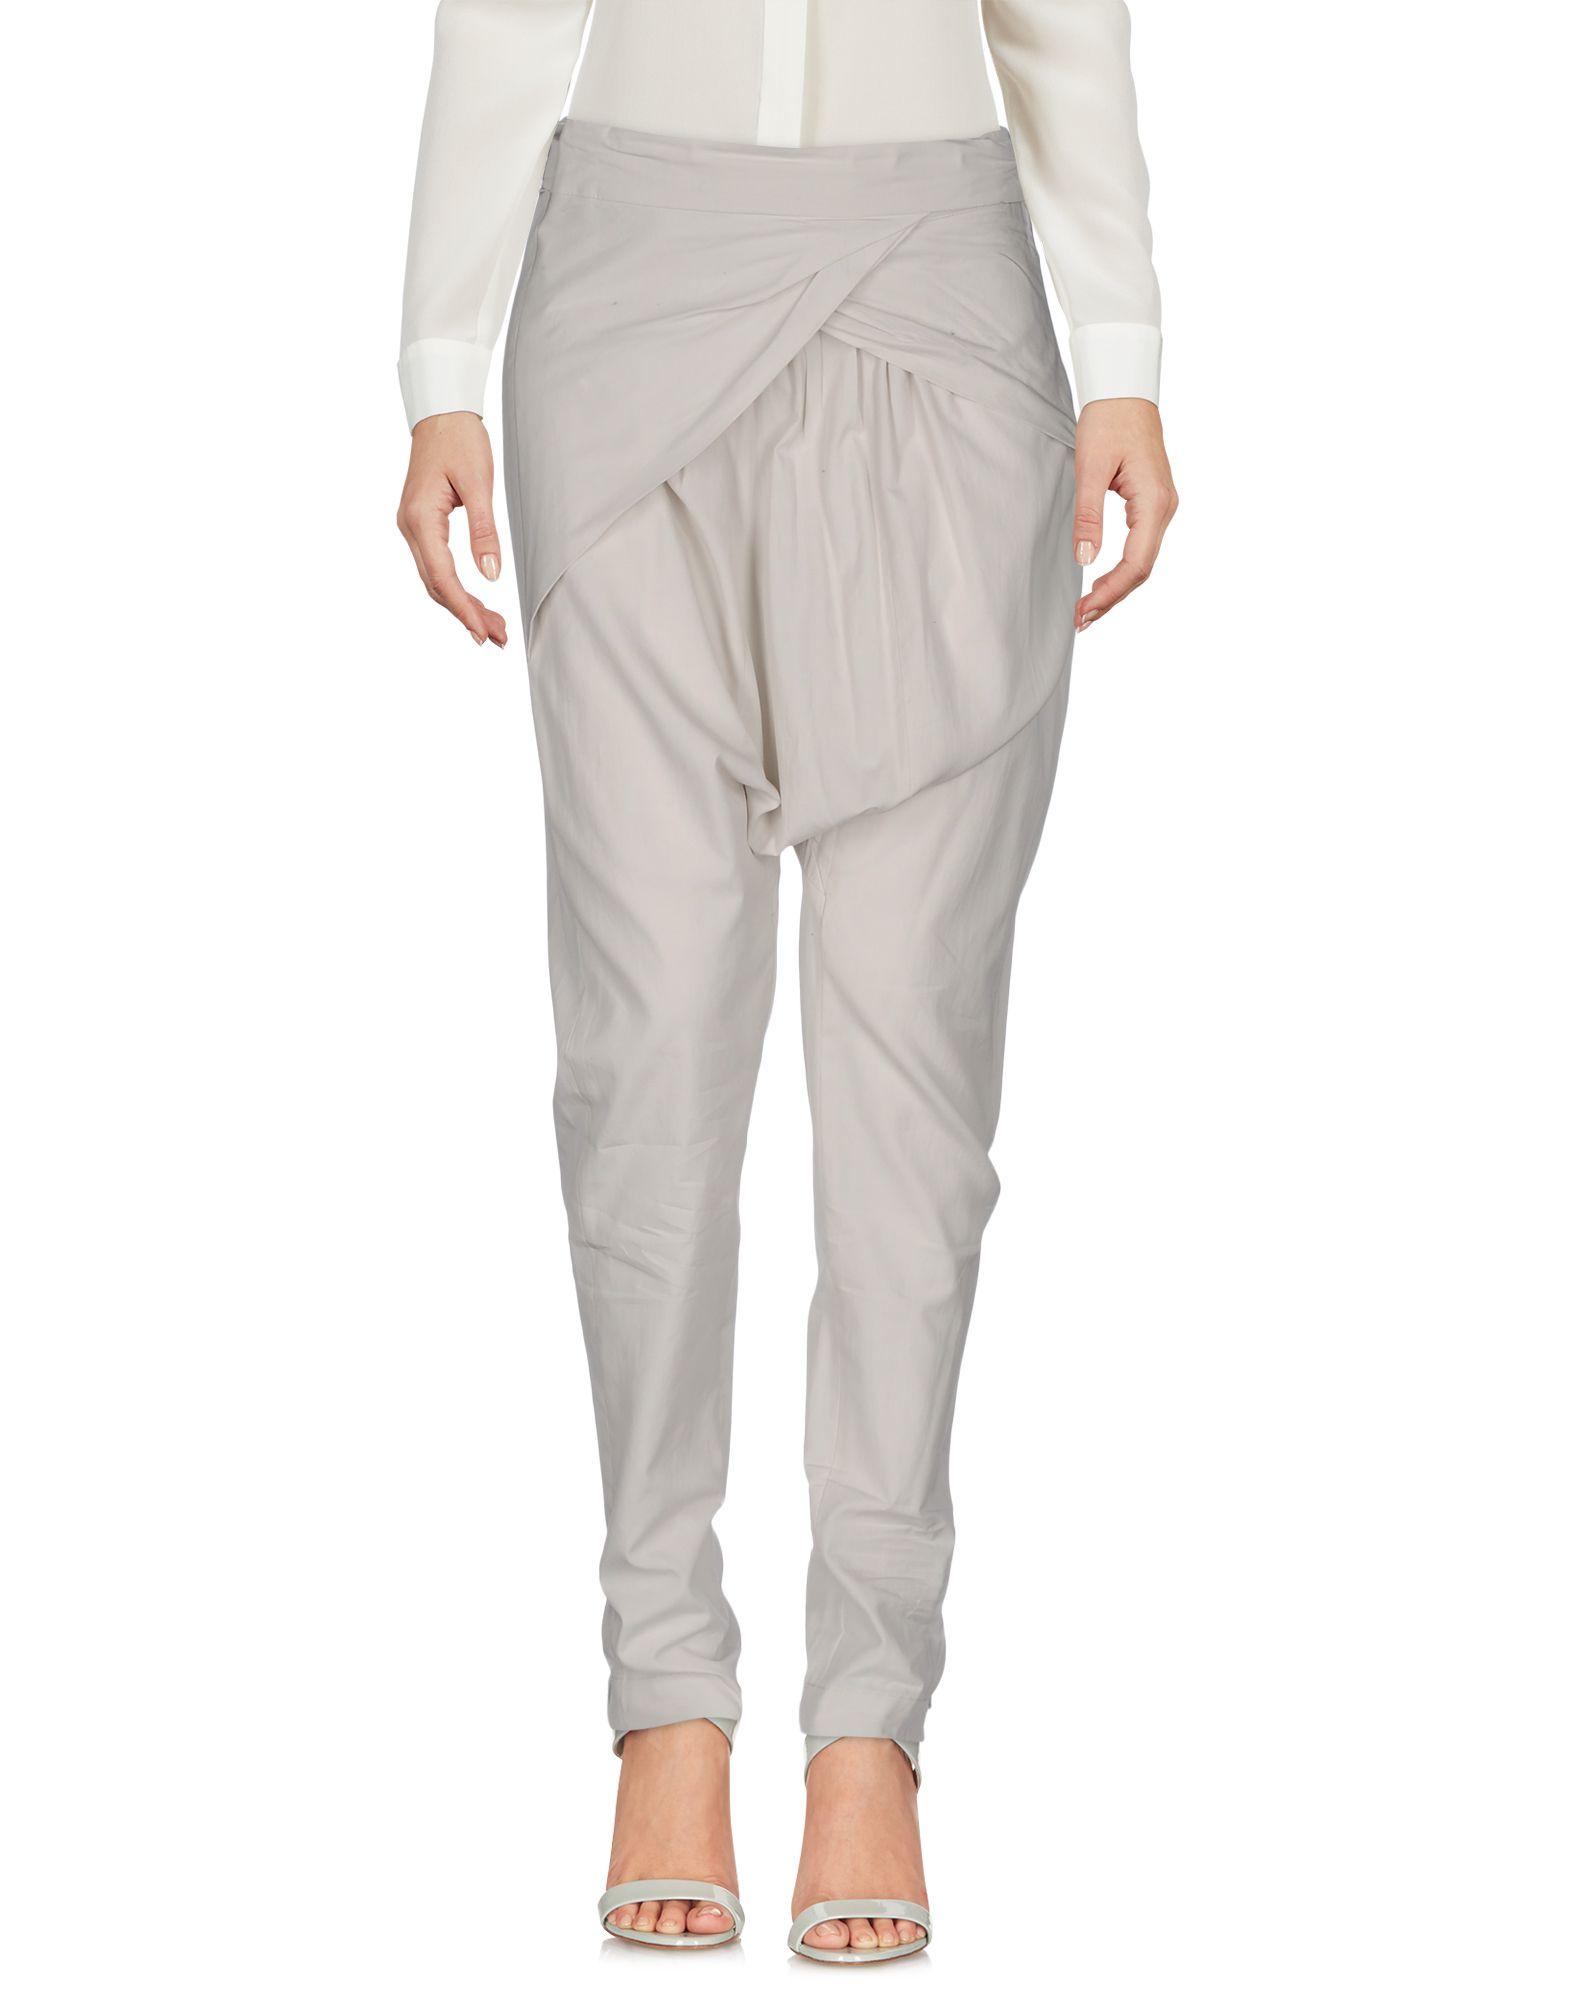 ISABEL MARANT Повседневные брюки isabel marant бежевые льняные брюки